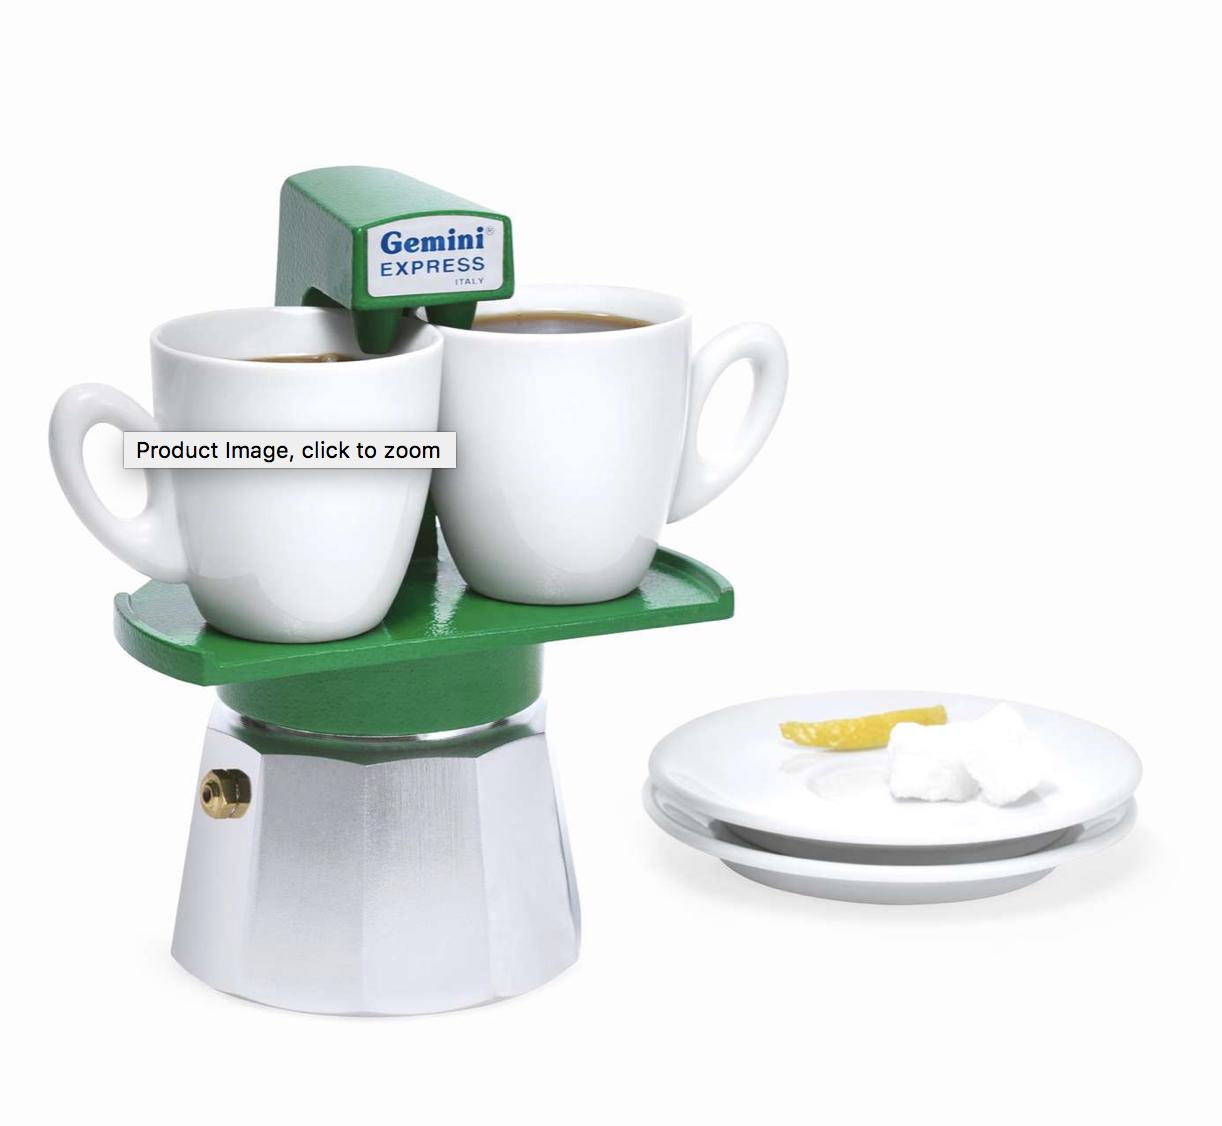 Gemini Espresso Maker